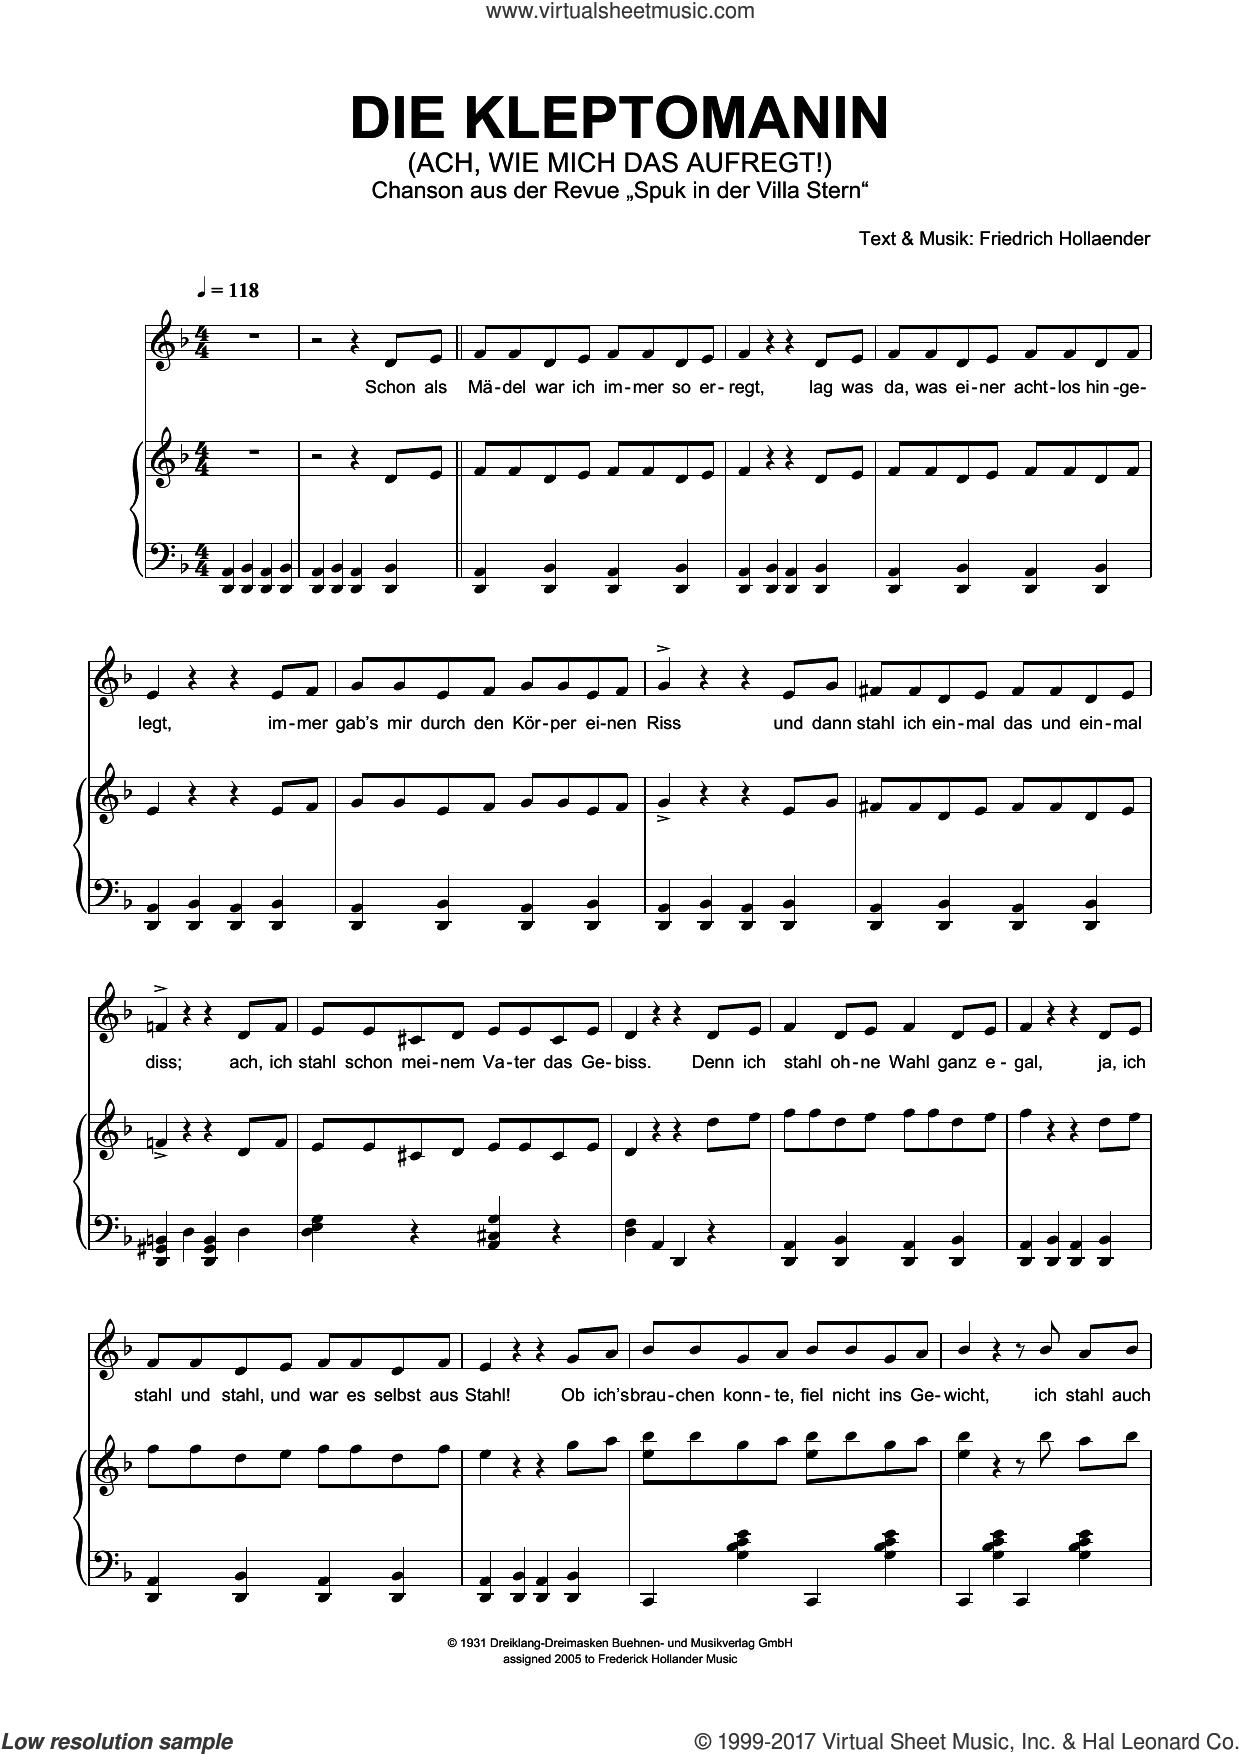 Die Kleptomanin (Ach, Wie Mich Das Aufregt!) sheet music for voice and piano by Friedrich Hollaender, Friedrich Holländer and Friedrich Hollander, intermediate skill level